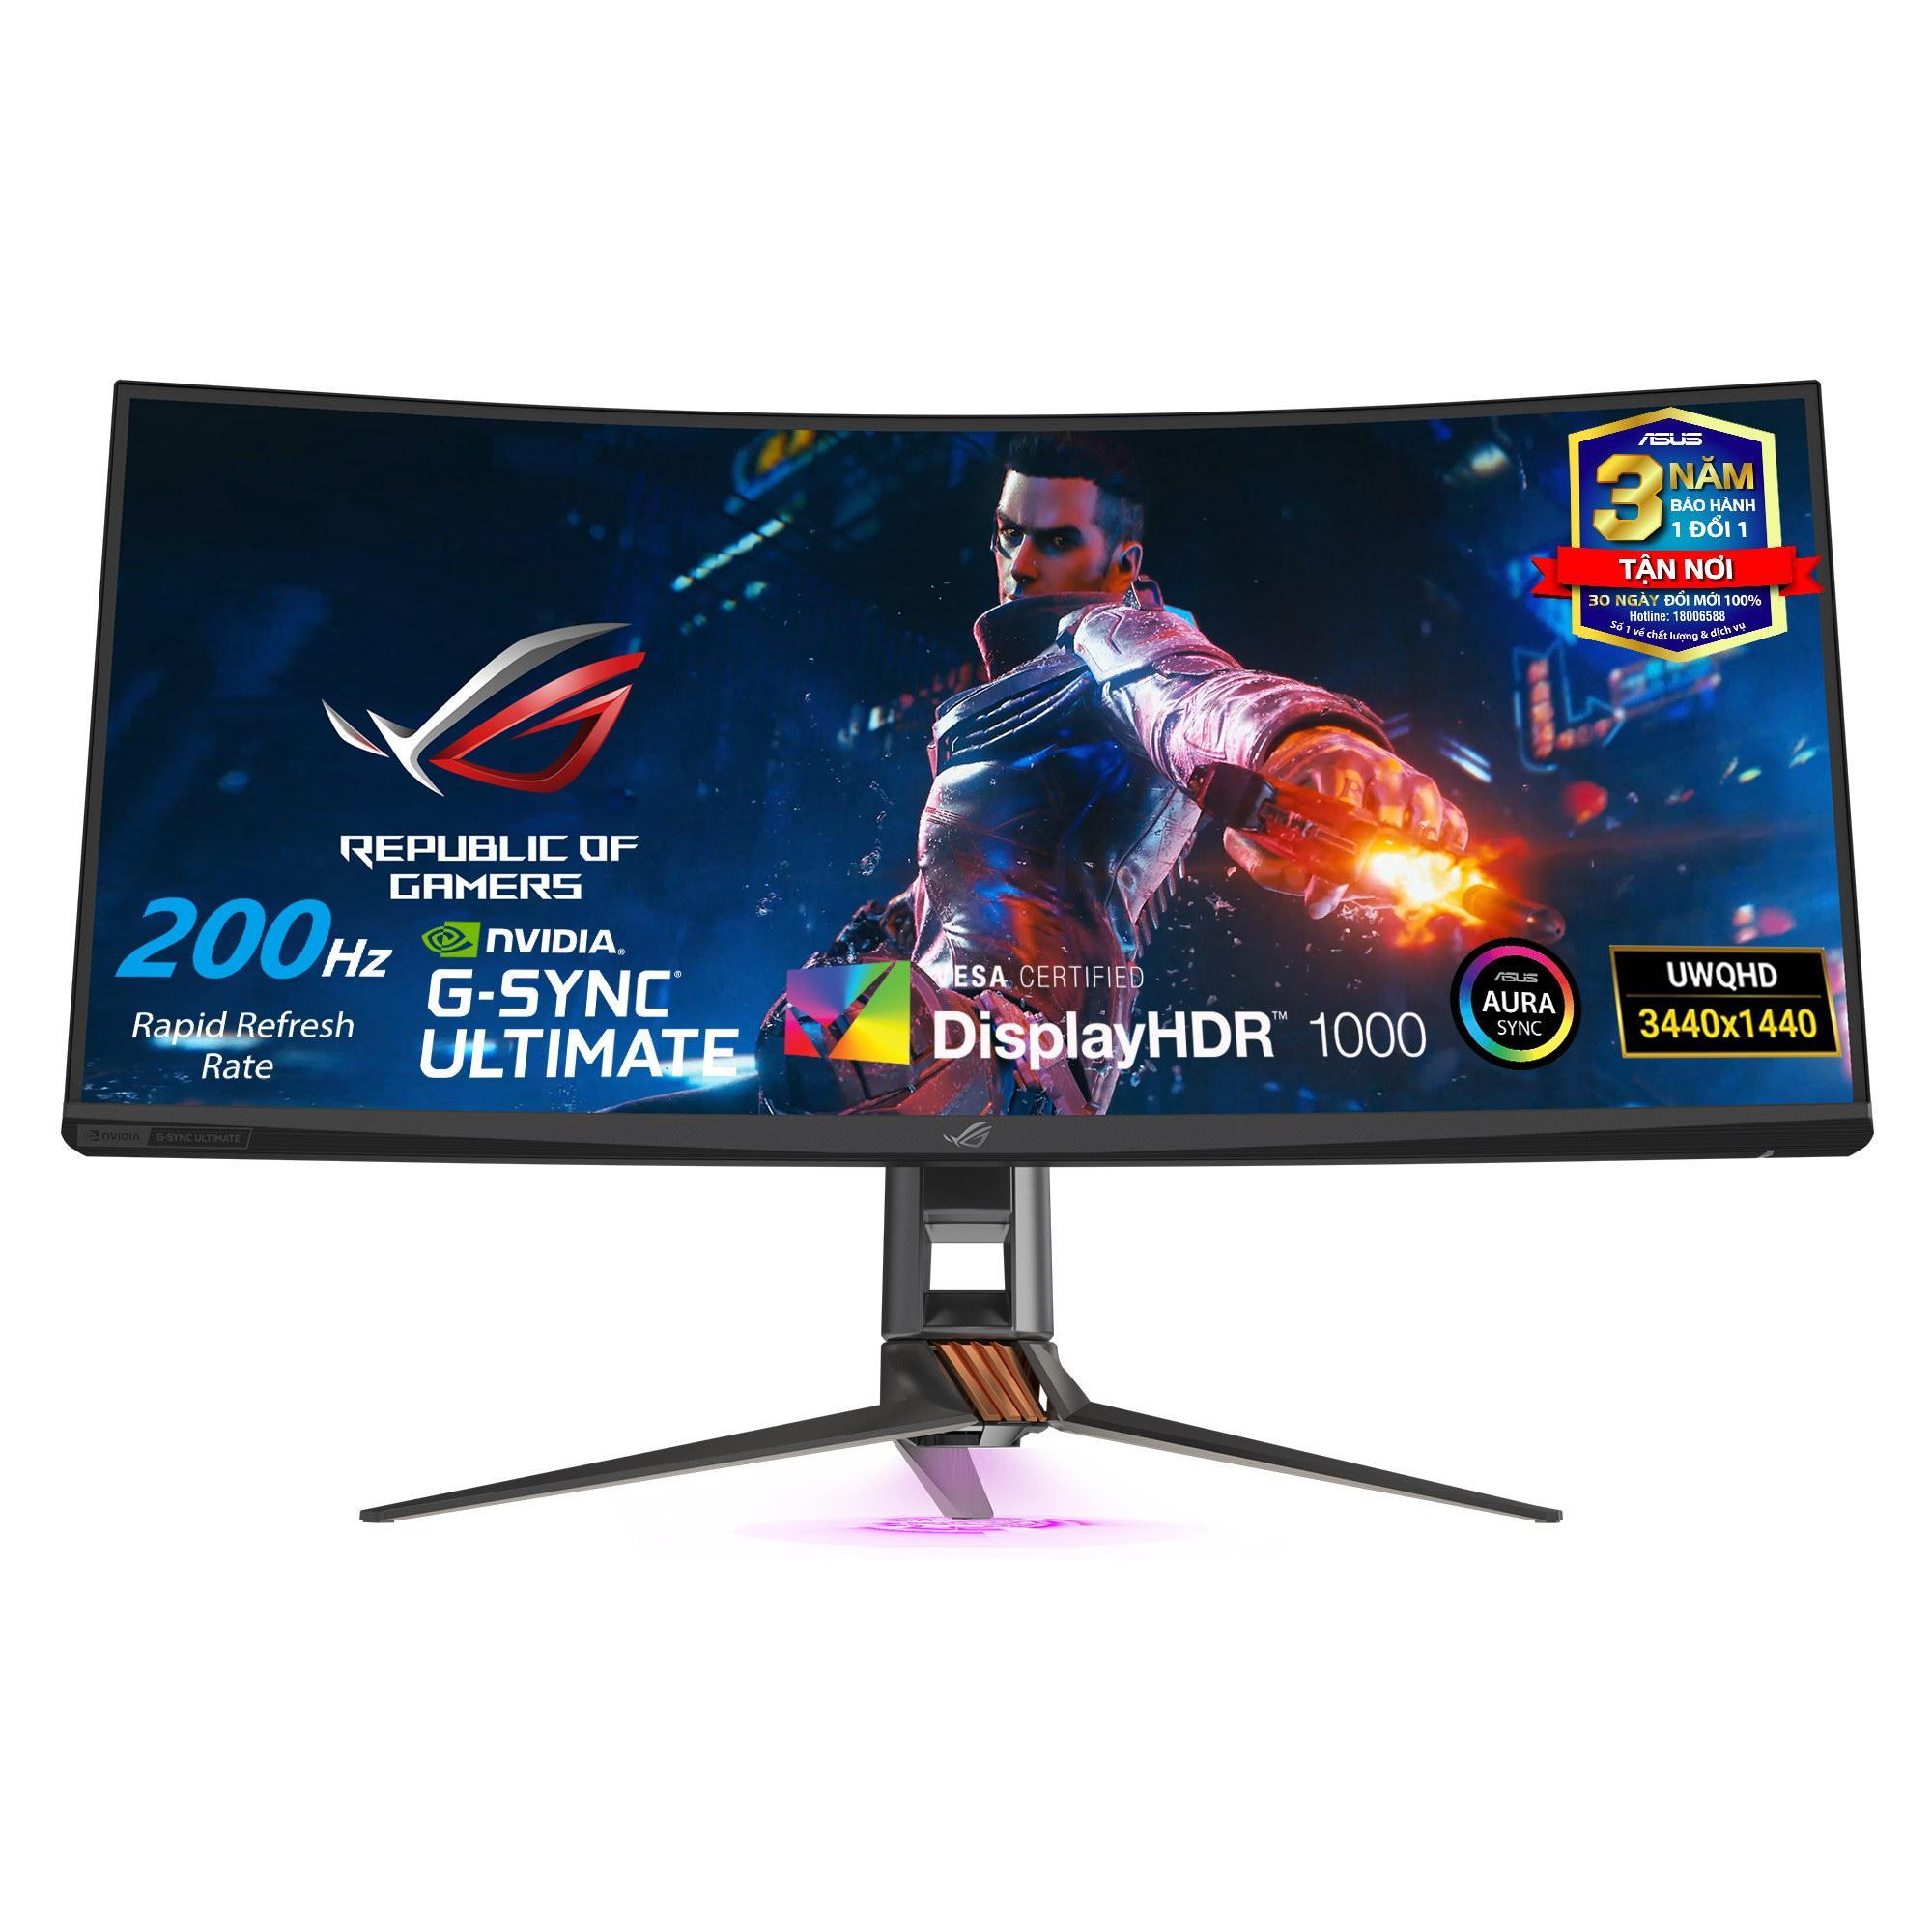 Giá Màn hình Game Cong ASUS ROG Swift PG35VQ - 35  Ultra-WQHD 21:9, 200Hz, 1000 nit, HDR, G-Sync Ultimate, DCI-P3 90%, Aura Sync - PG Series Monitor